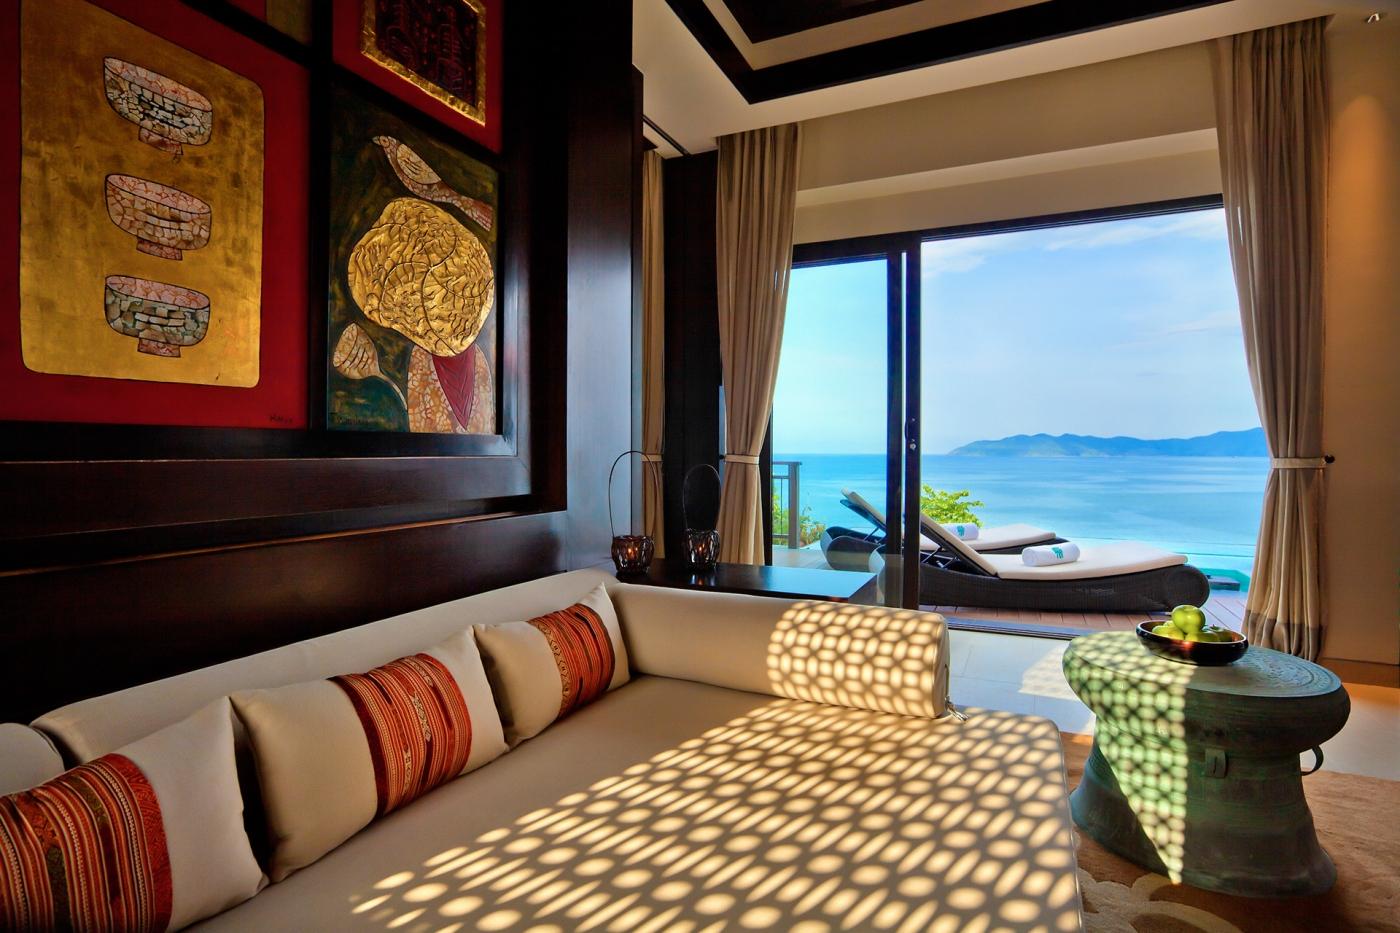 Phòng khách căn biệt thự (loại 1 phòng ngủ) Banyan Tree Residences